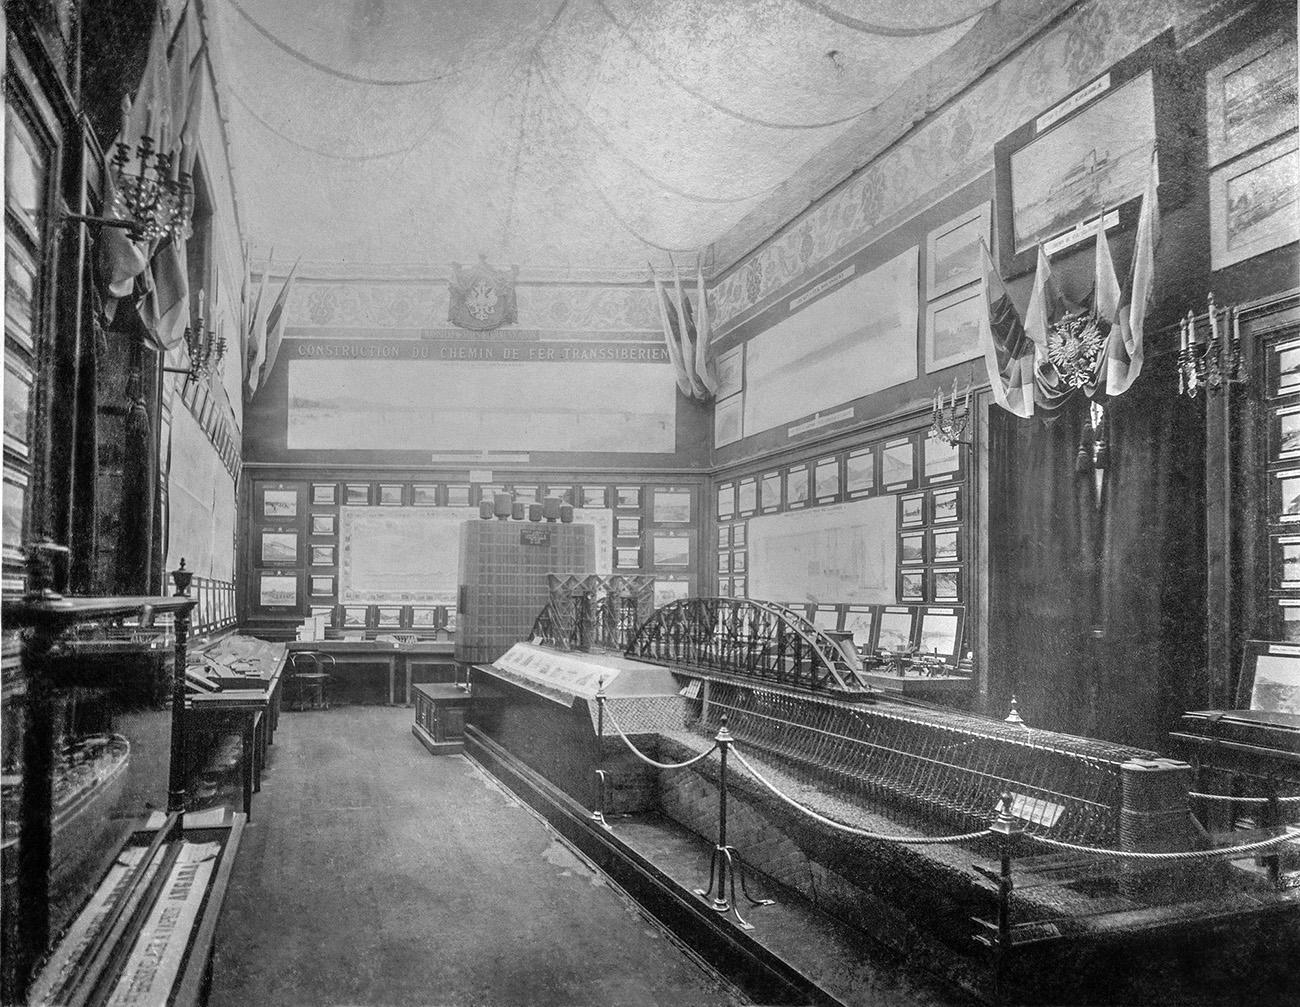 Всемирная выставка 1900 года. Павильон русских окраин